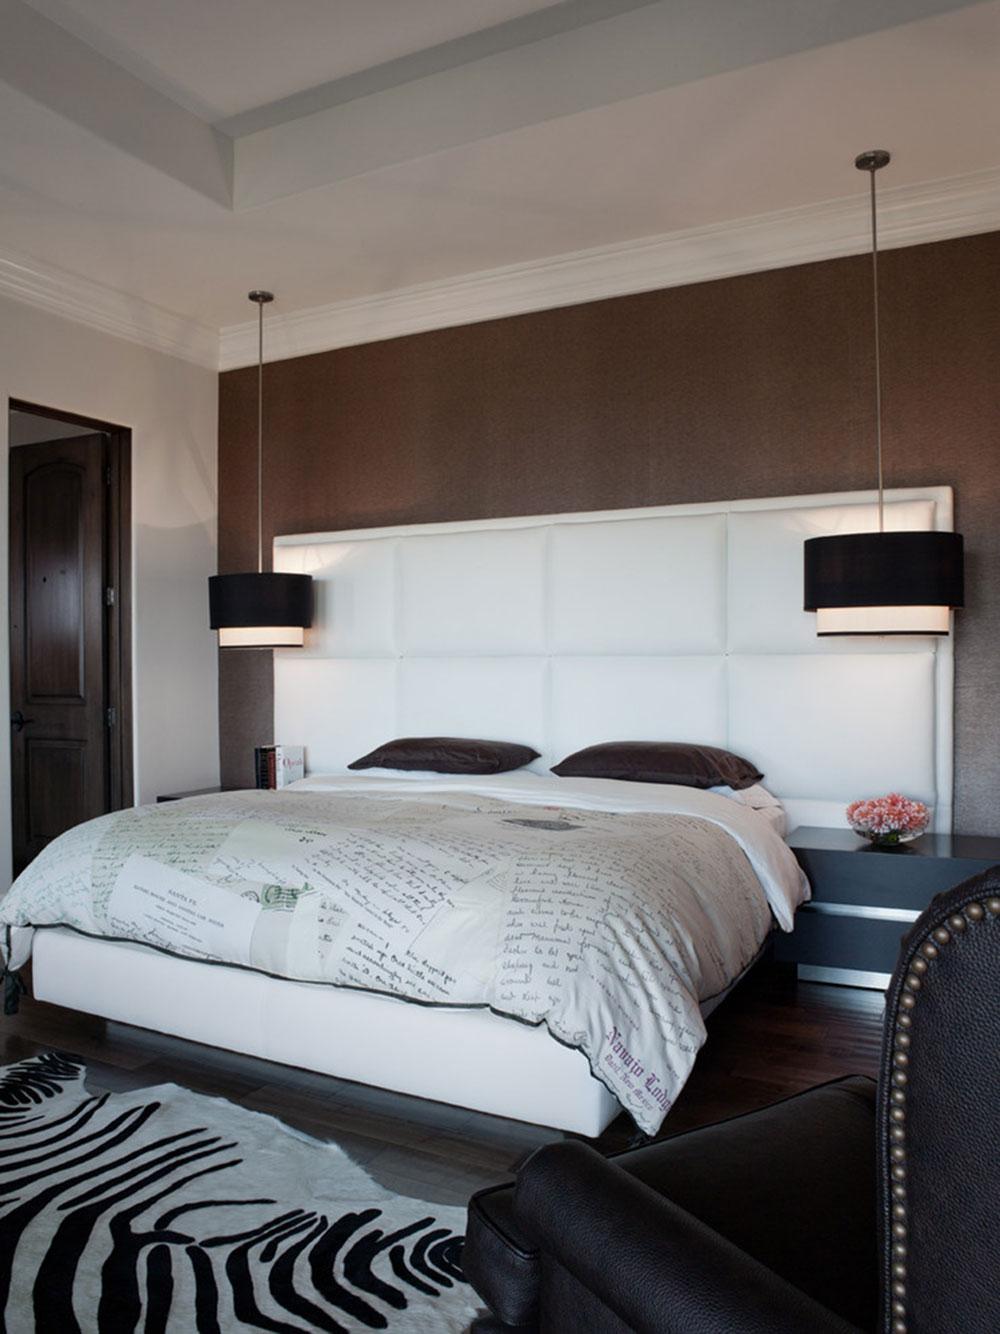 Sovrum-belysning-tips-och-bilder-5 sovrum-belysning tips och bilder